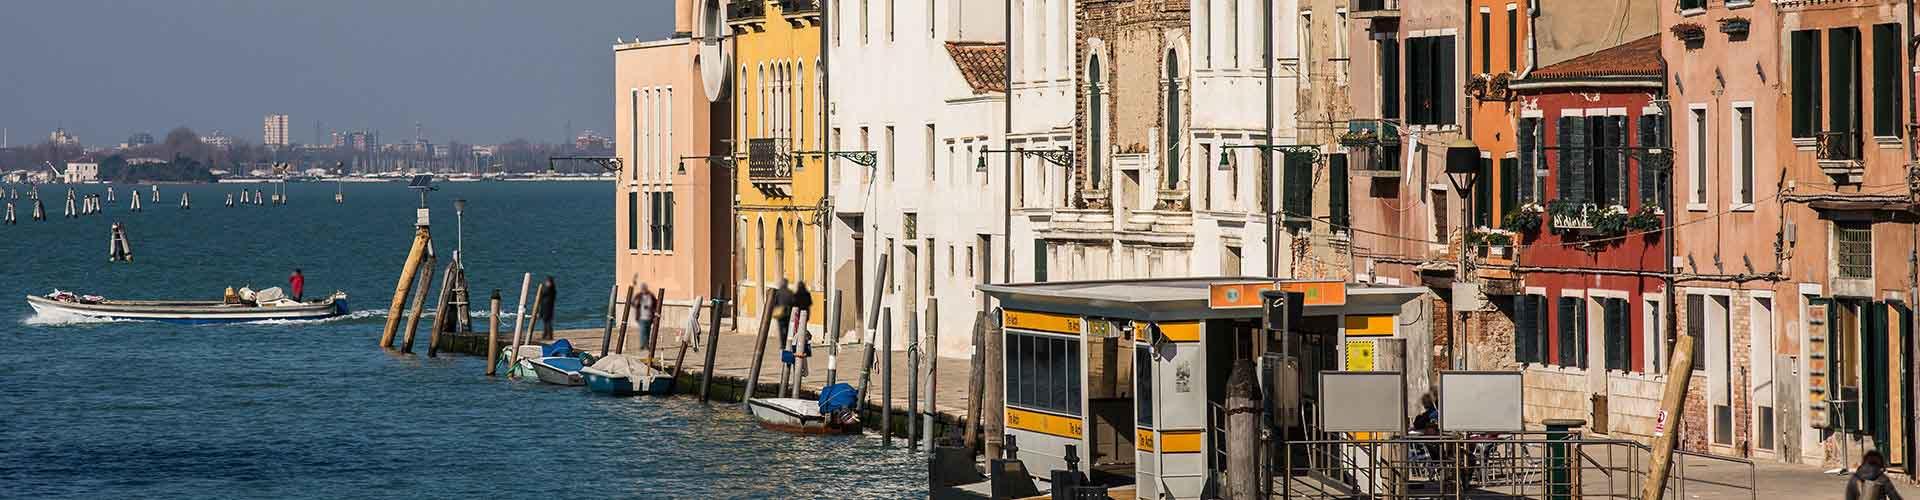 Venecia - Hostales en el distrito Sestiere Cannaregio. Mapas de Venecia, Fotos y comentarios de cada hostal en Venecia.